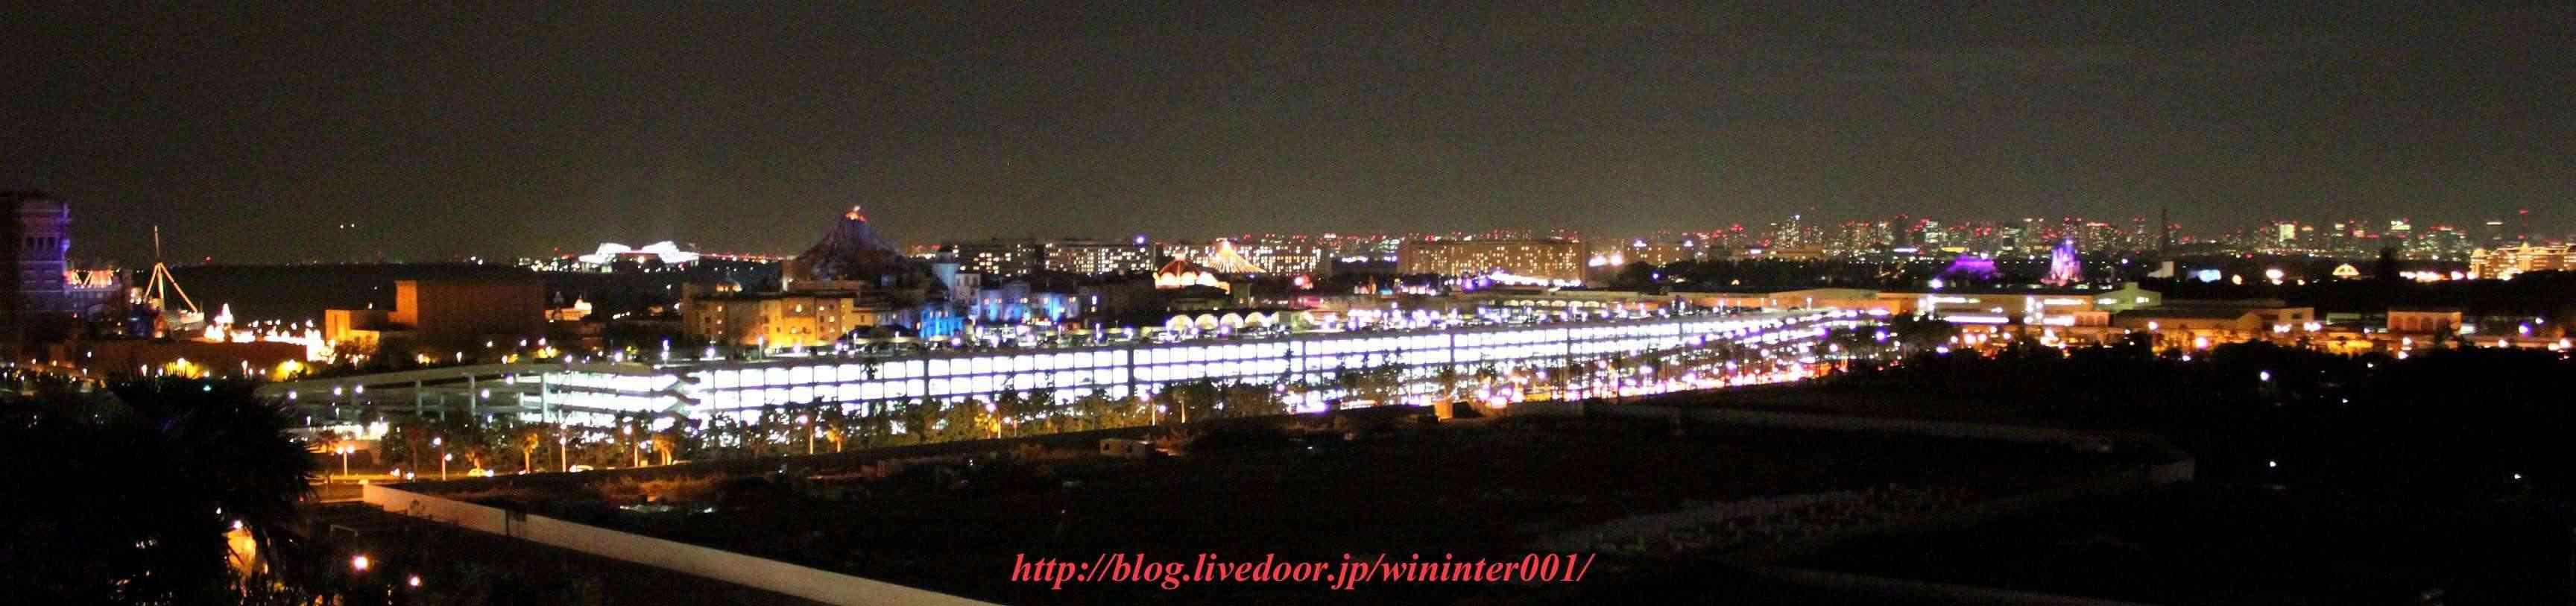 Tokyo DisneySea - Page 7 Eab39910